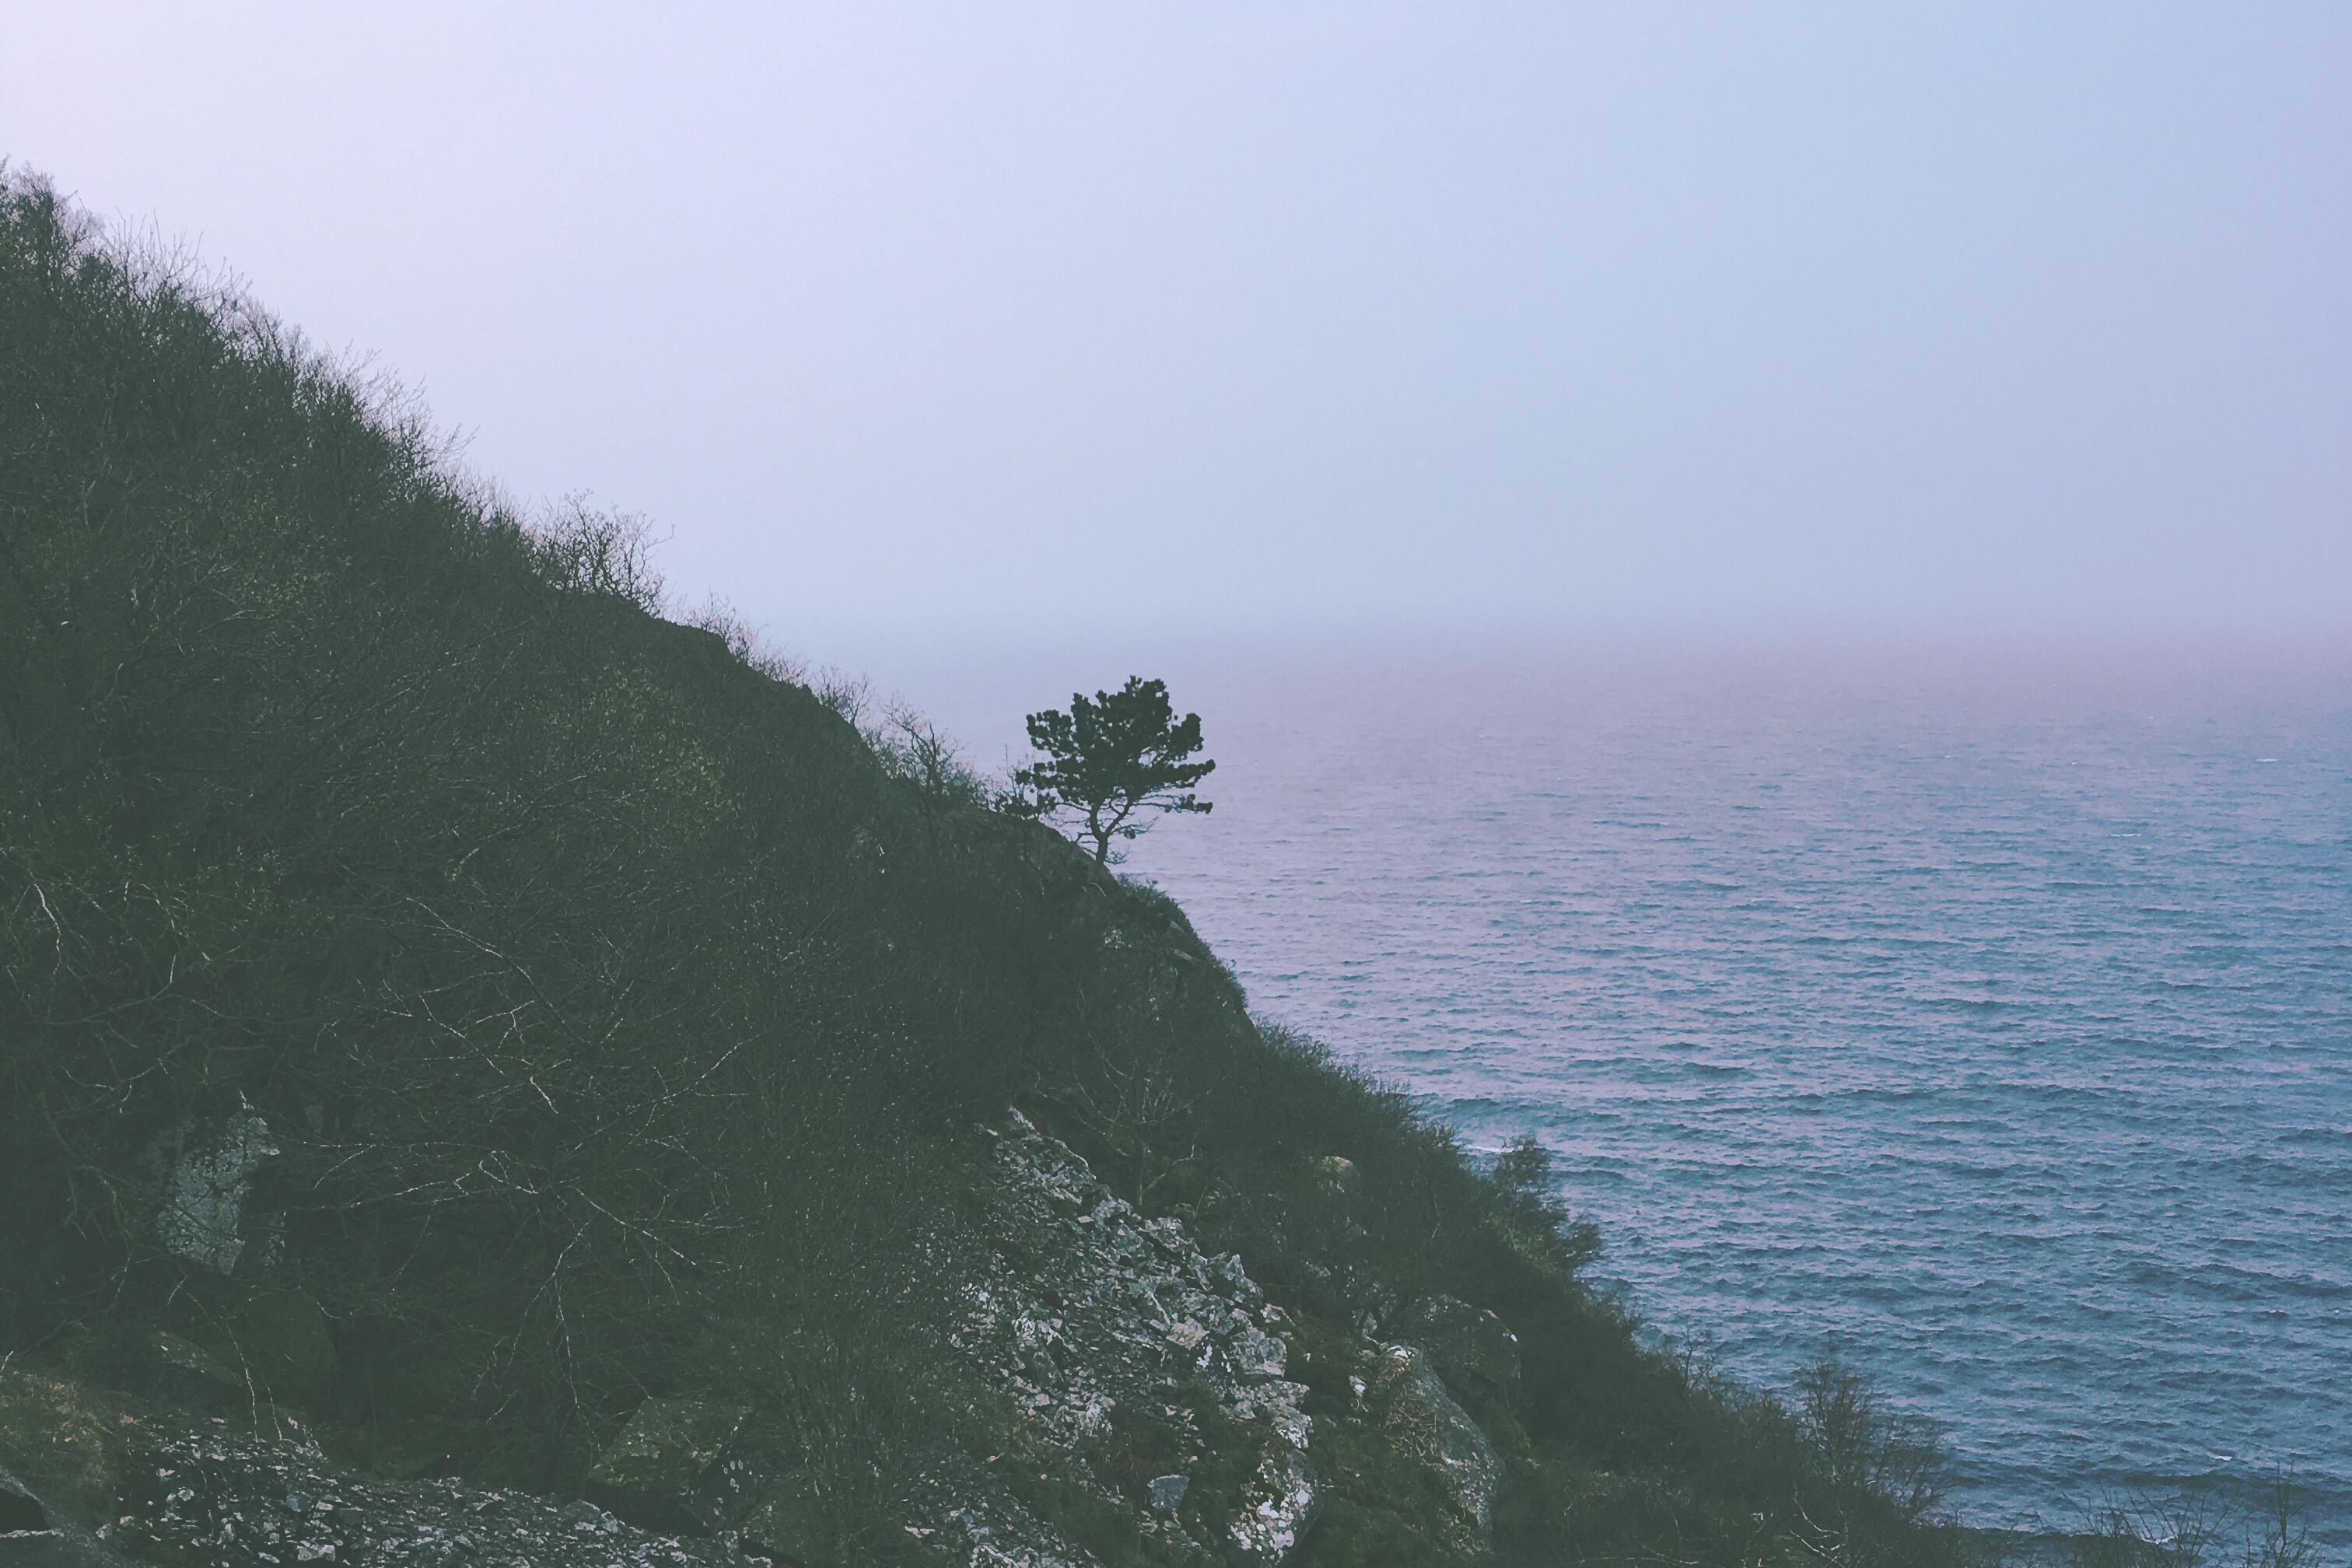 De enlige træer